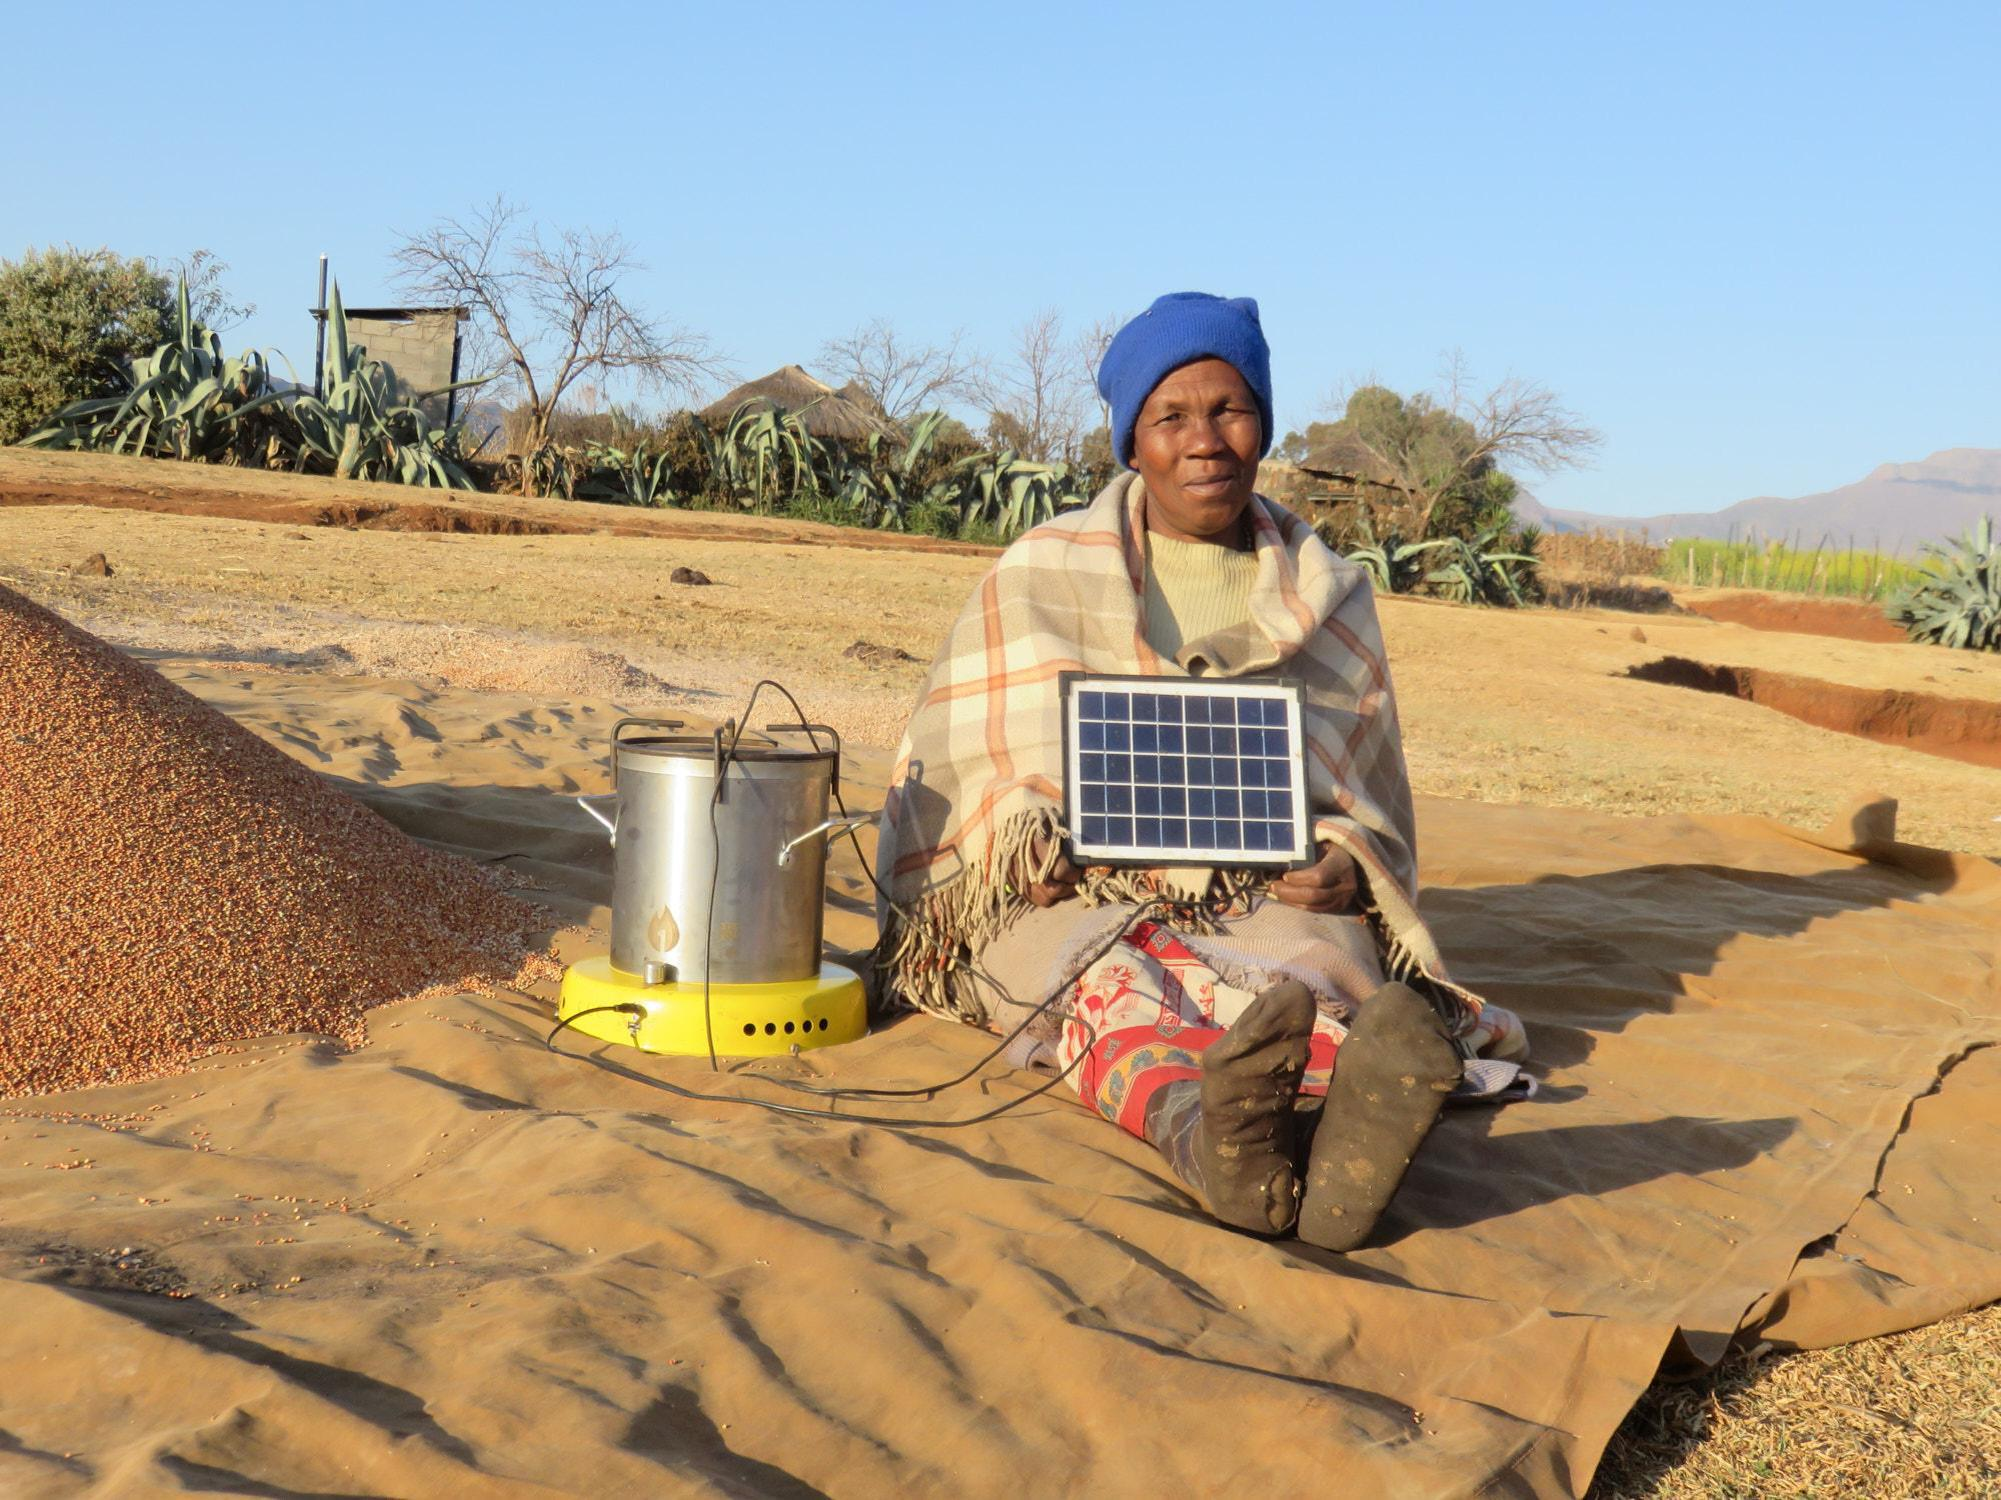 Die Kreditnehmenden erhalten zudem bessere Konditionen, wenn sie gleichzeitig in nachhaltige Technologien, wie zum Beispiel Solarpanele und saubere Kochherde investieren. Clean Cooking Alliance